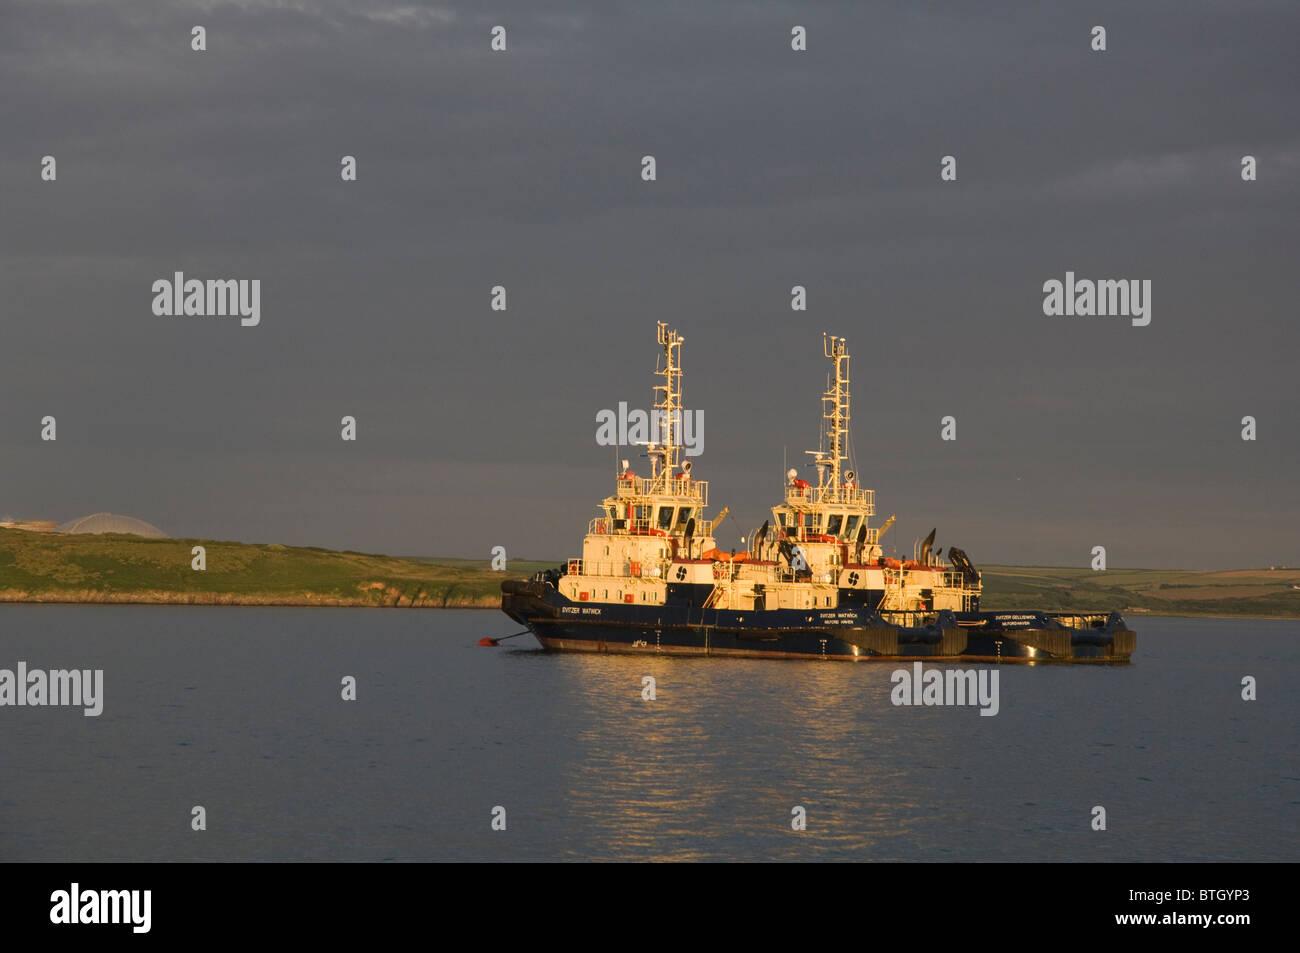 Les remorqueurs, Milford Haven, Pembrokeshire, Pays de Galles, Royaume-Uni, Europe Photo Stock